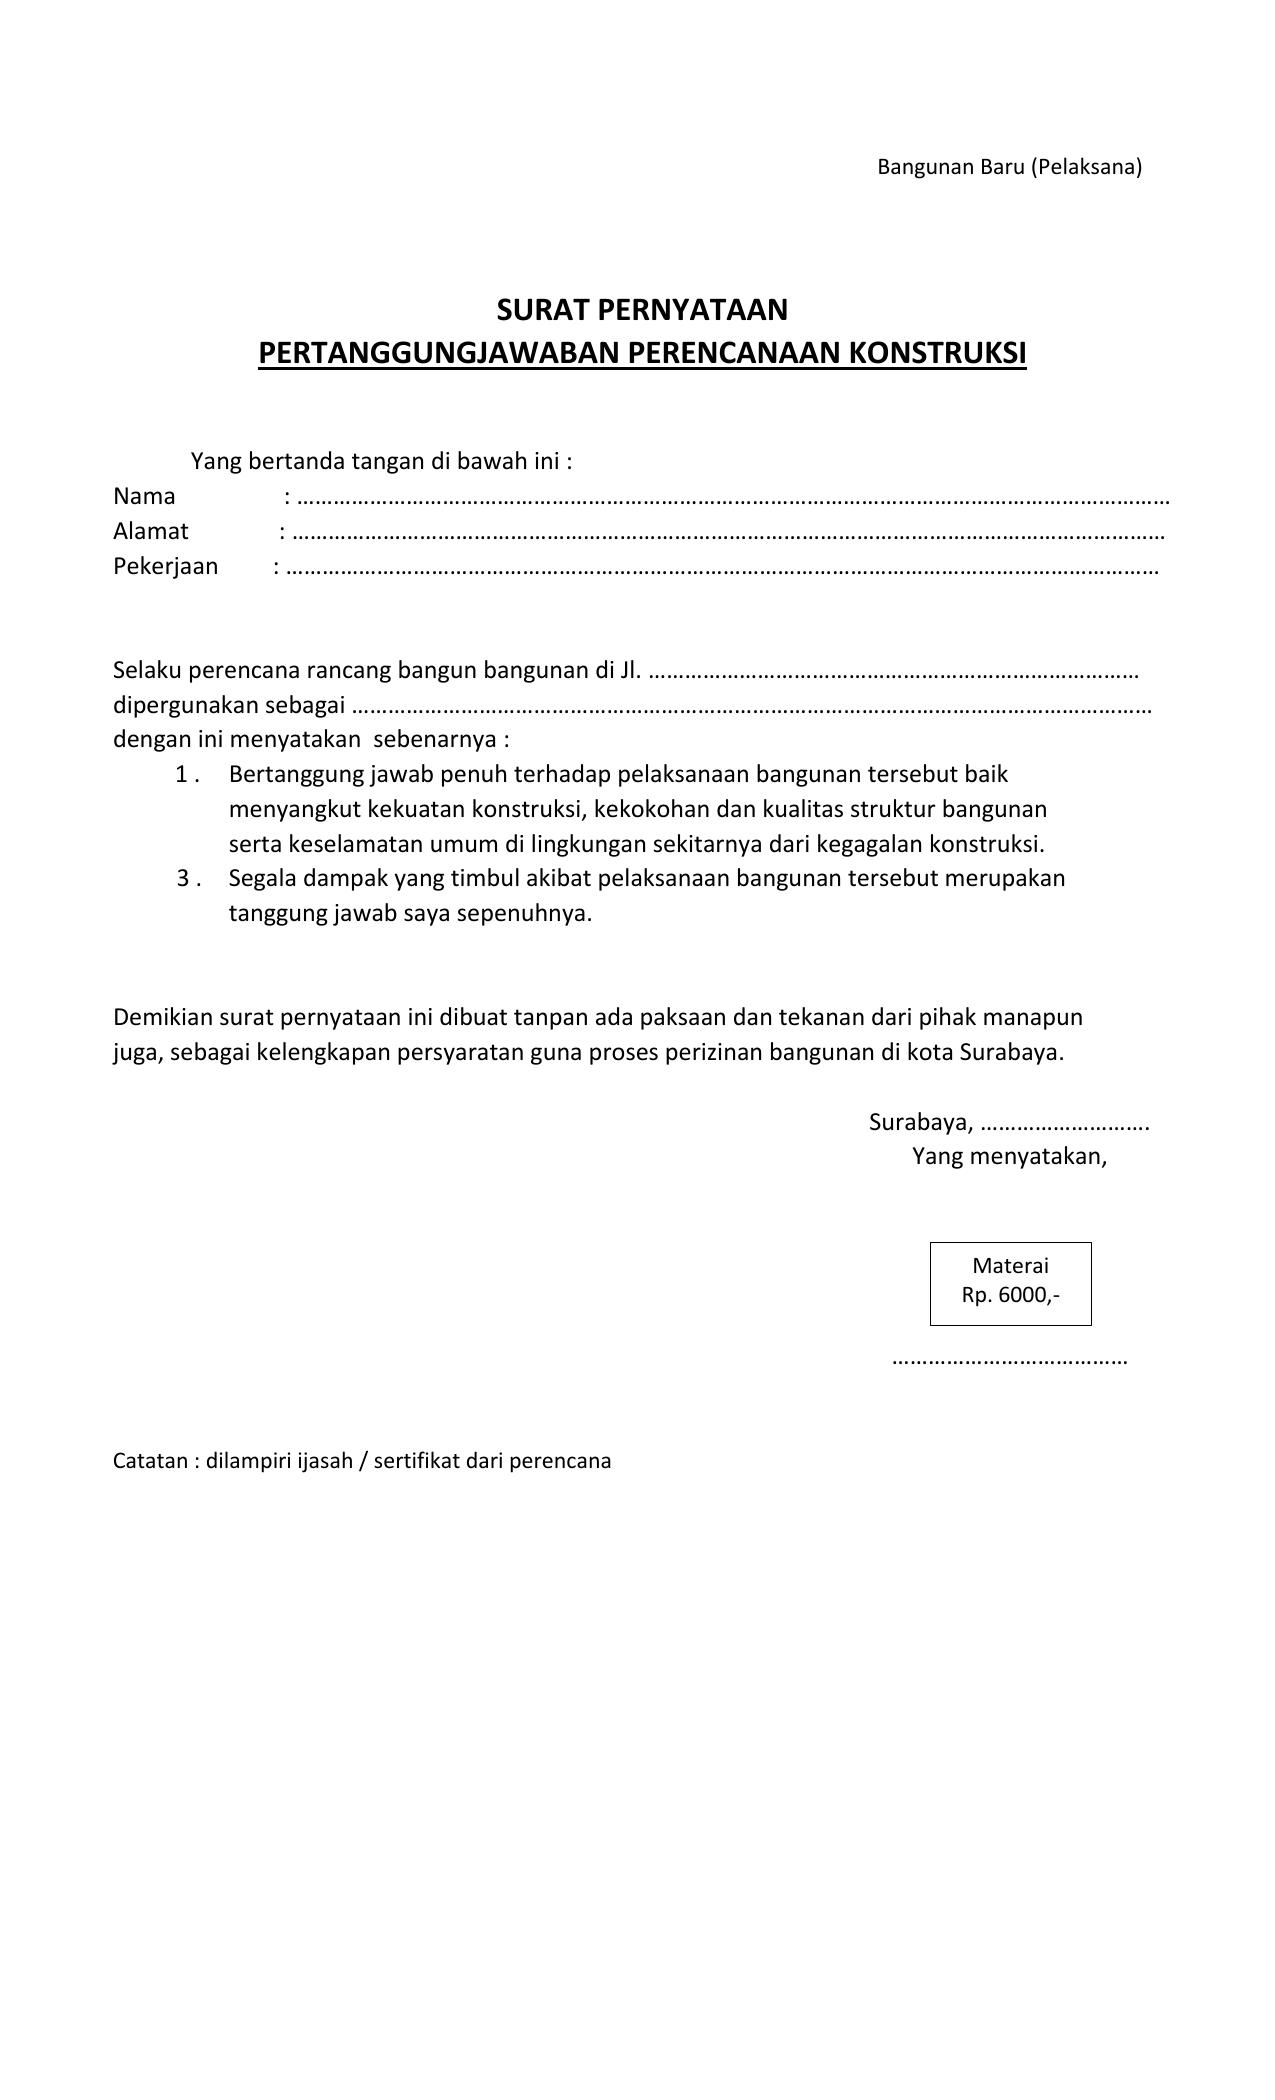 Contoh Surat Pernyataan Perjanjian Pertanggungjawaban Kerja